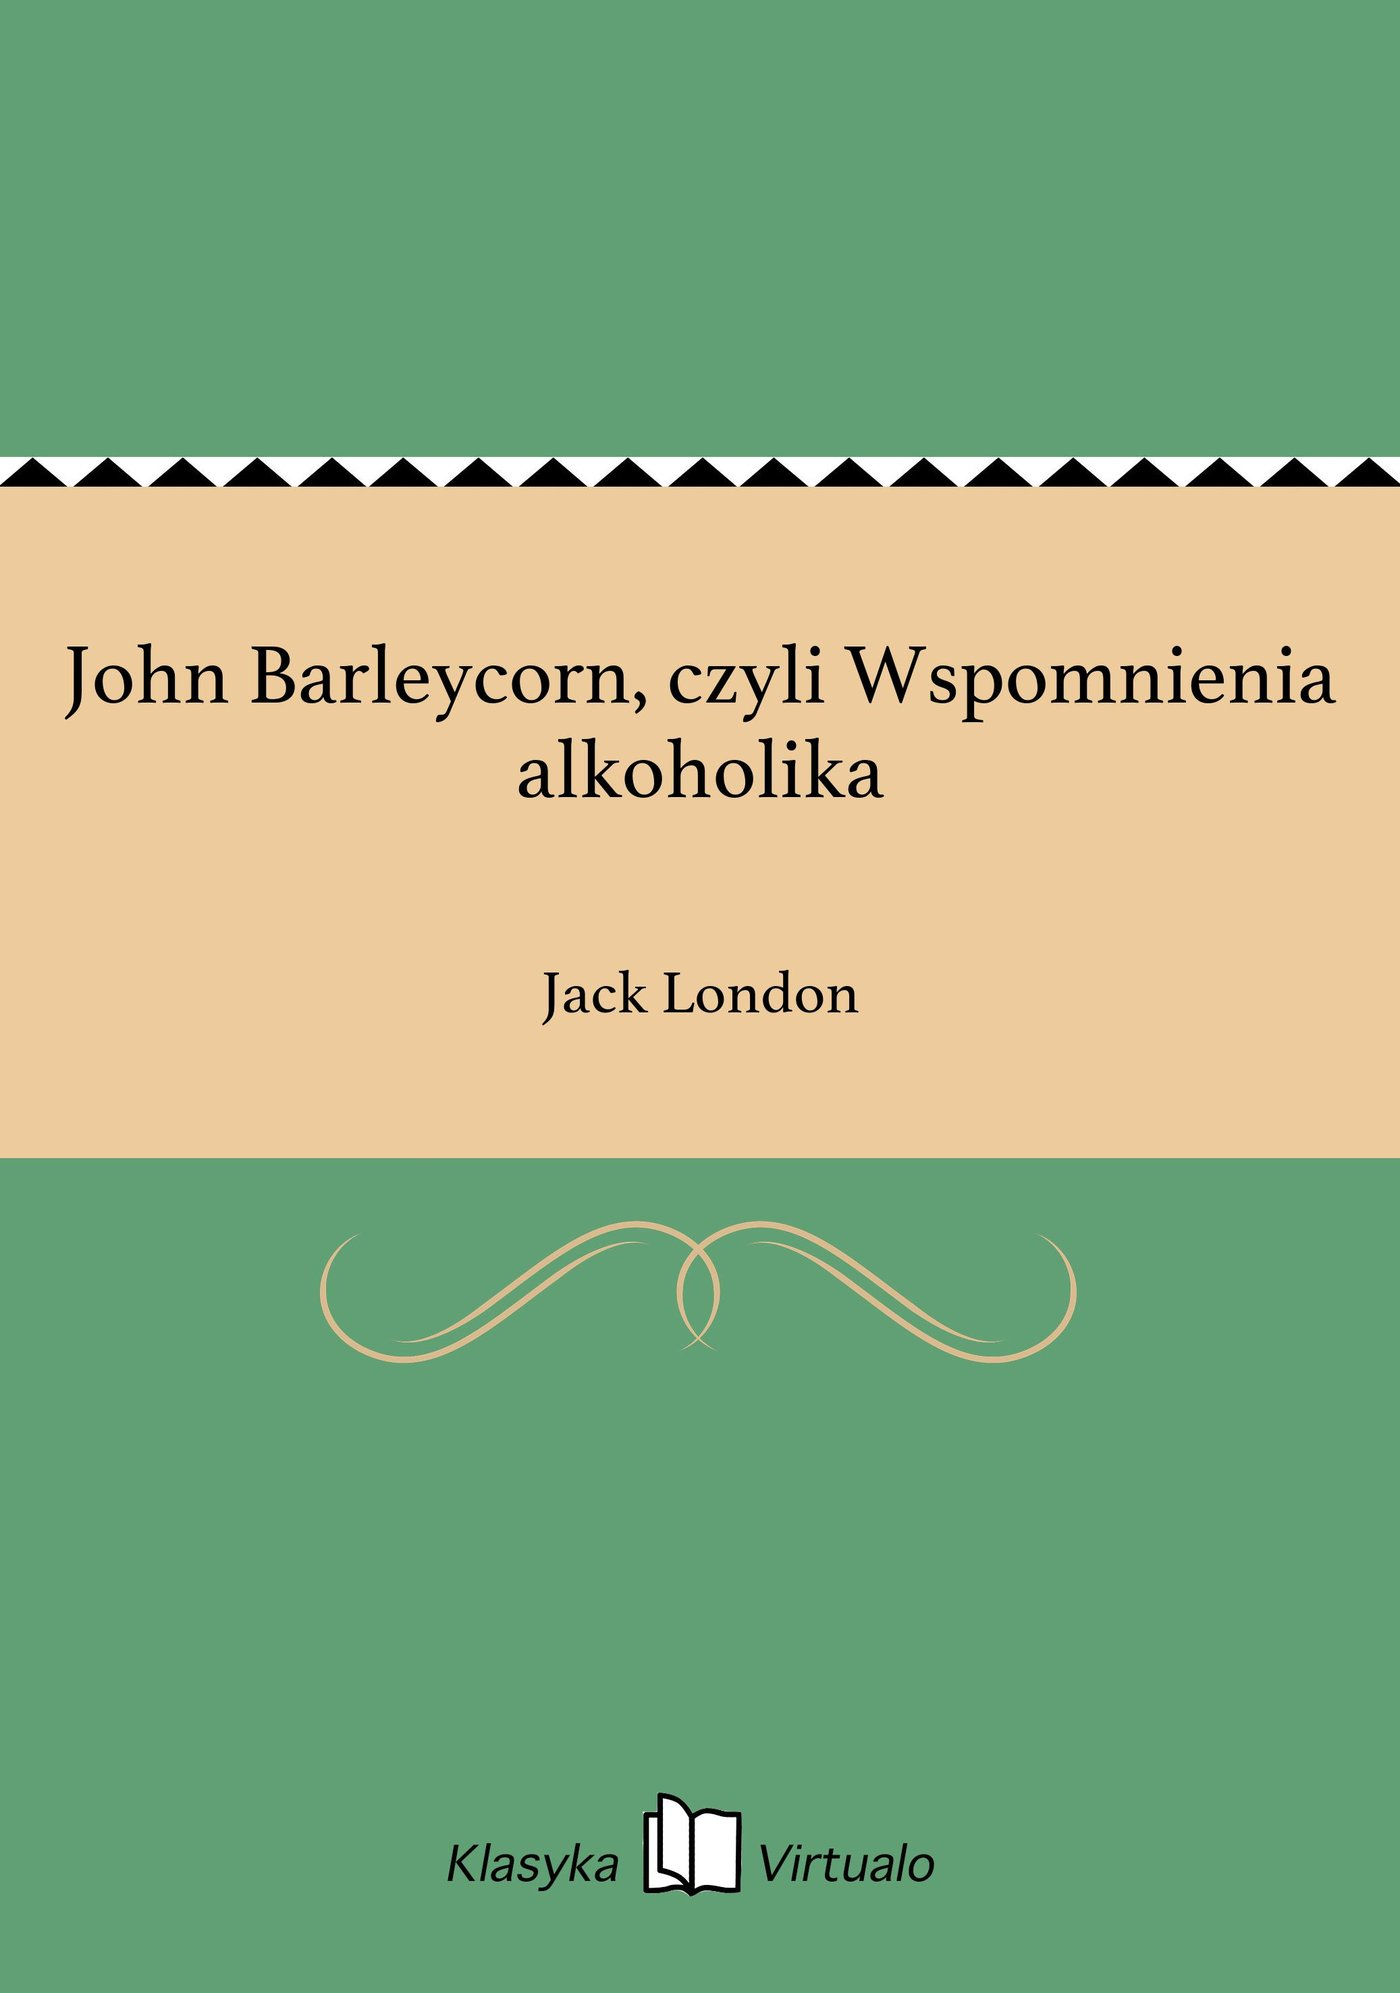 John Barleycorn, czyli Wspomnienia alkoholika - Ebook (Książka na Kindle) do pobrania w formacie MOBI